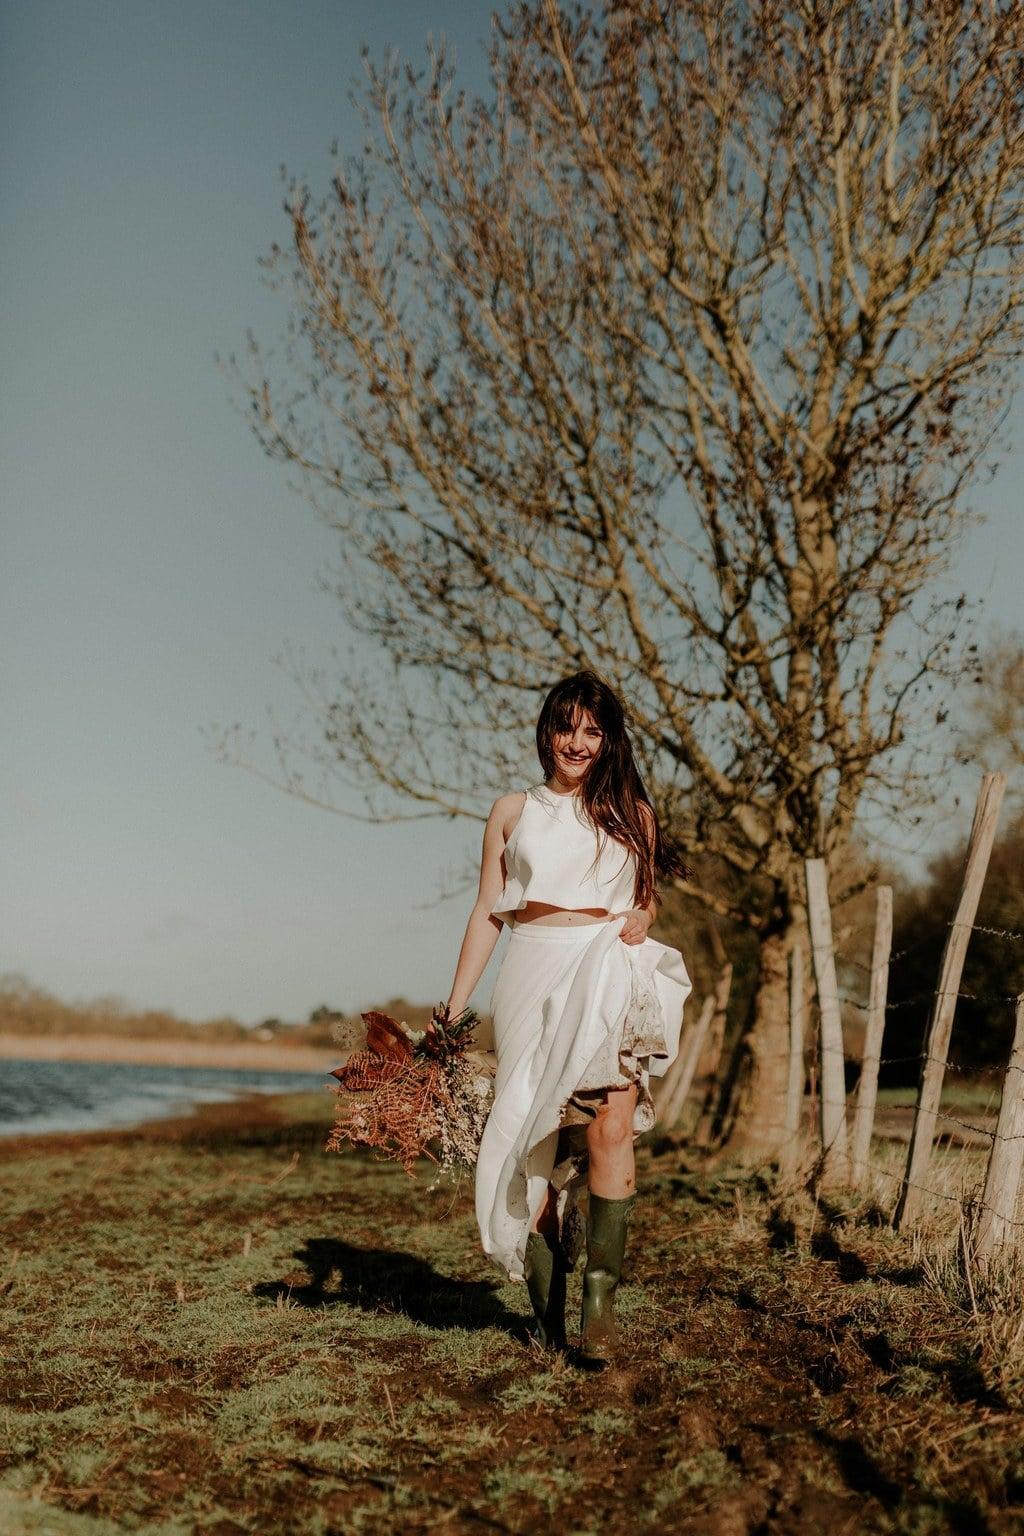 Robe de mariée deux pièces en crêpe - crop top et jupe longue avec bottes de pluie